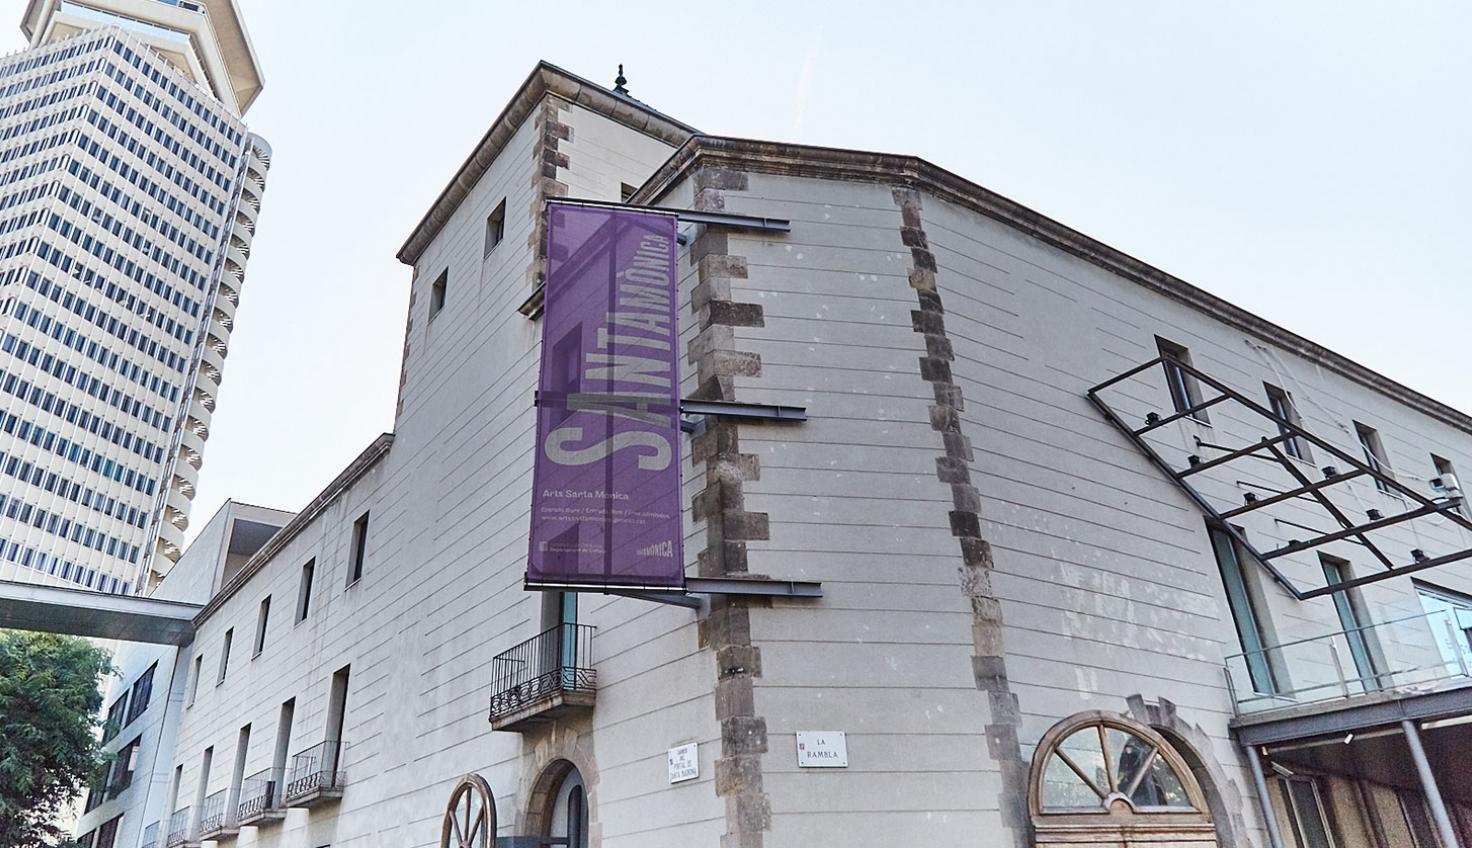 Foto Centre d'Arts Santa Monica